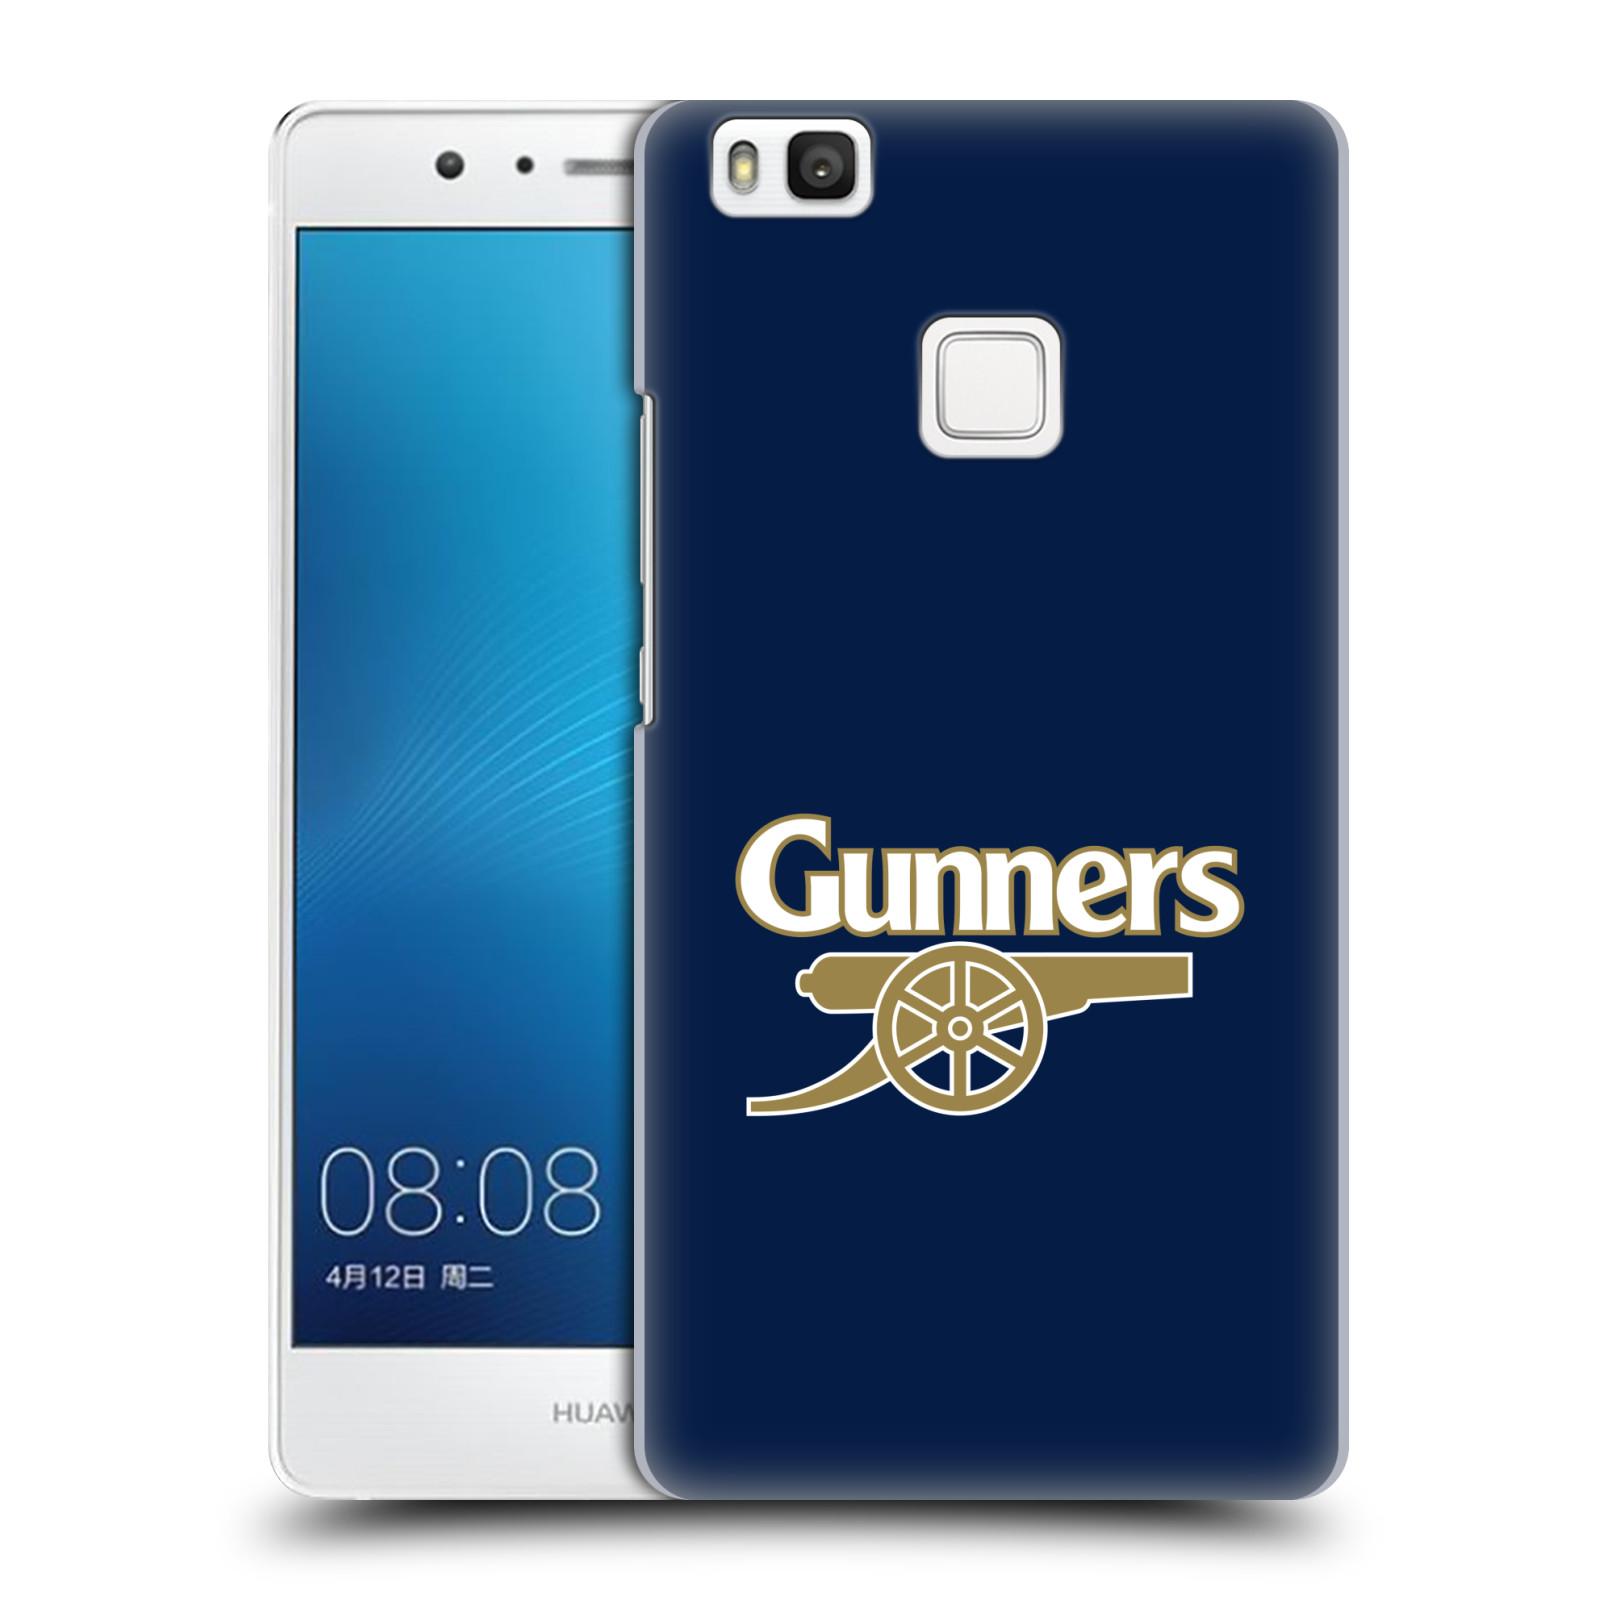 Plastové pouzdro na mobil Huawei P9 Lite - Head Case - Arsenal FC - Gunners